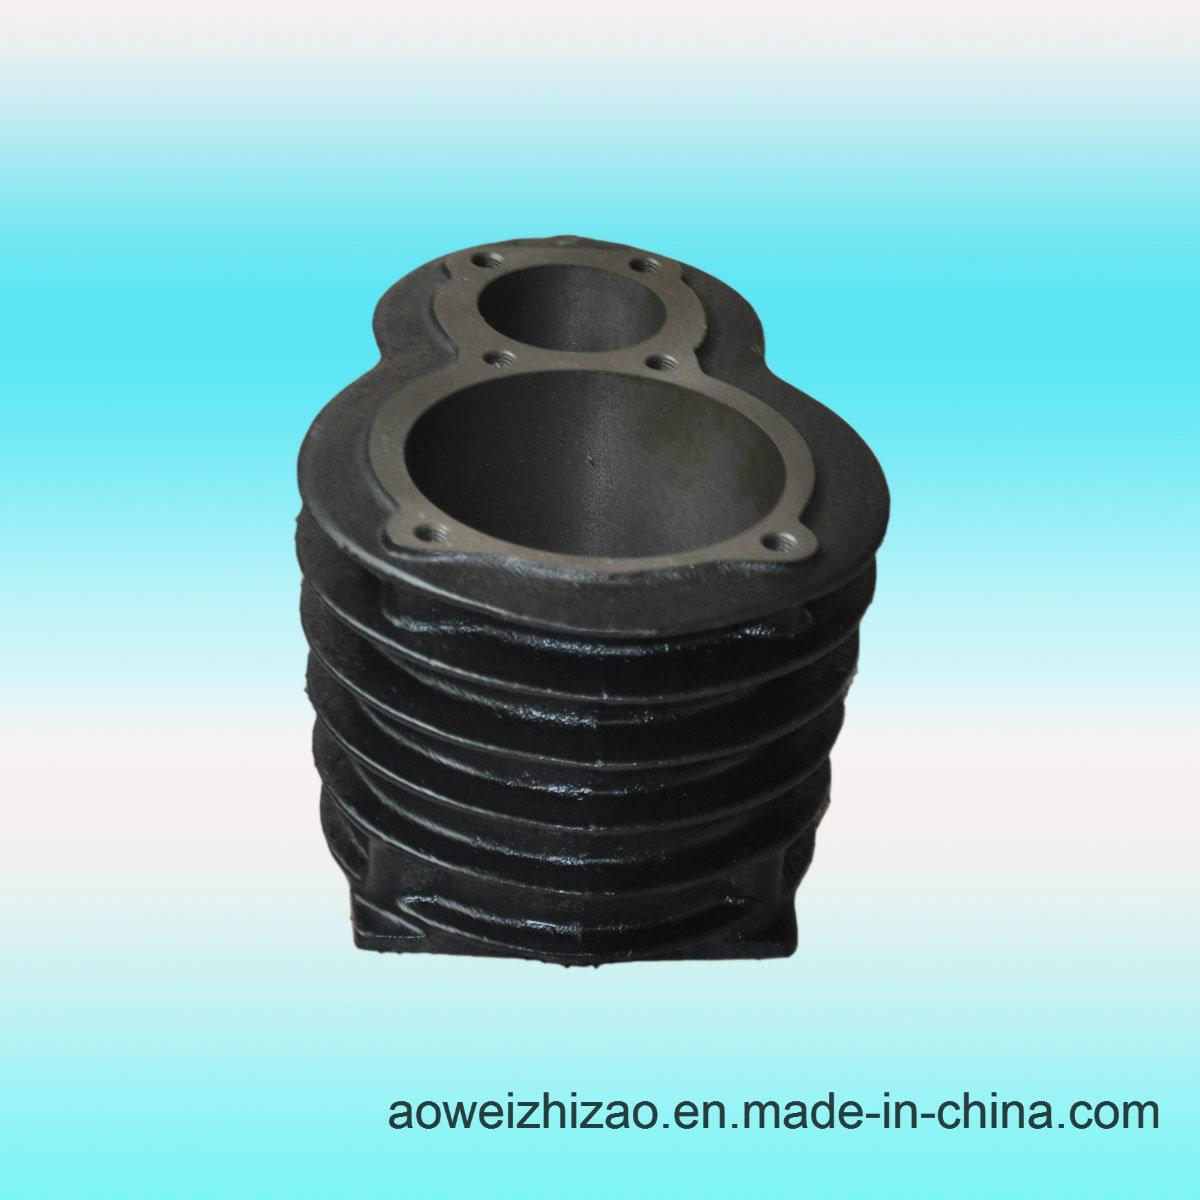 Cylinder Linder, Cylinder Sleeve, EPC, Gray Iron, Ductile Iron, ISO 9001: 2008, Awgt-007